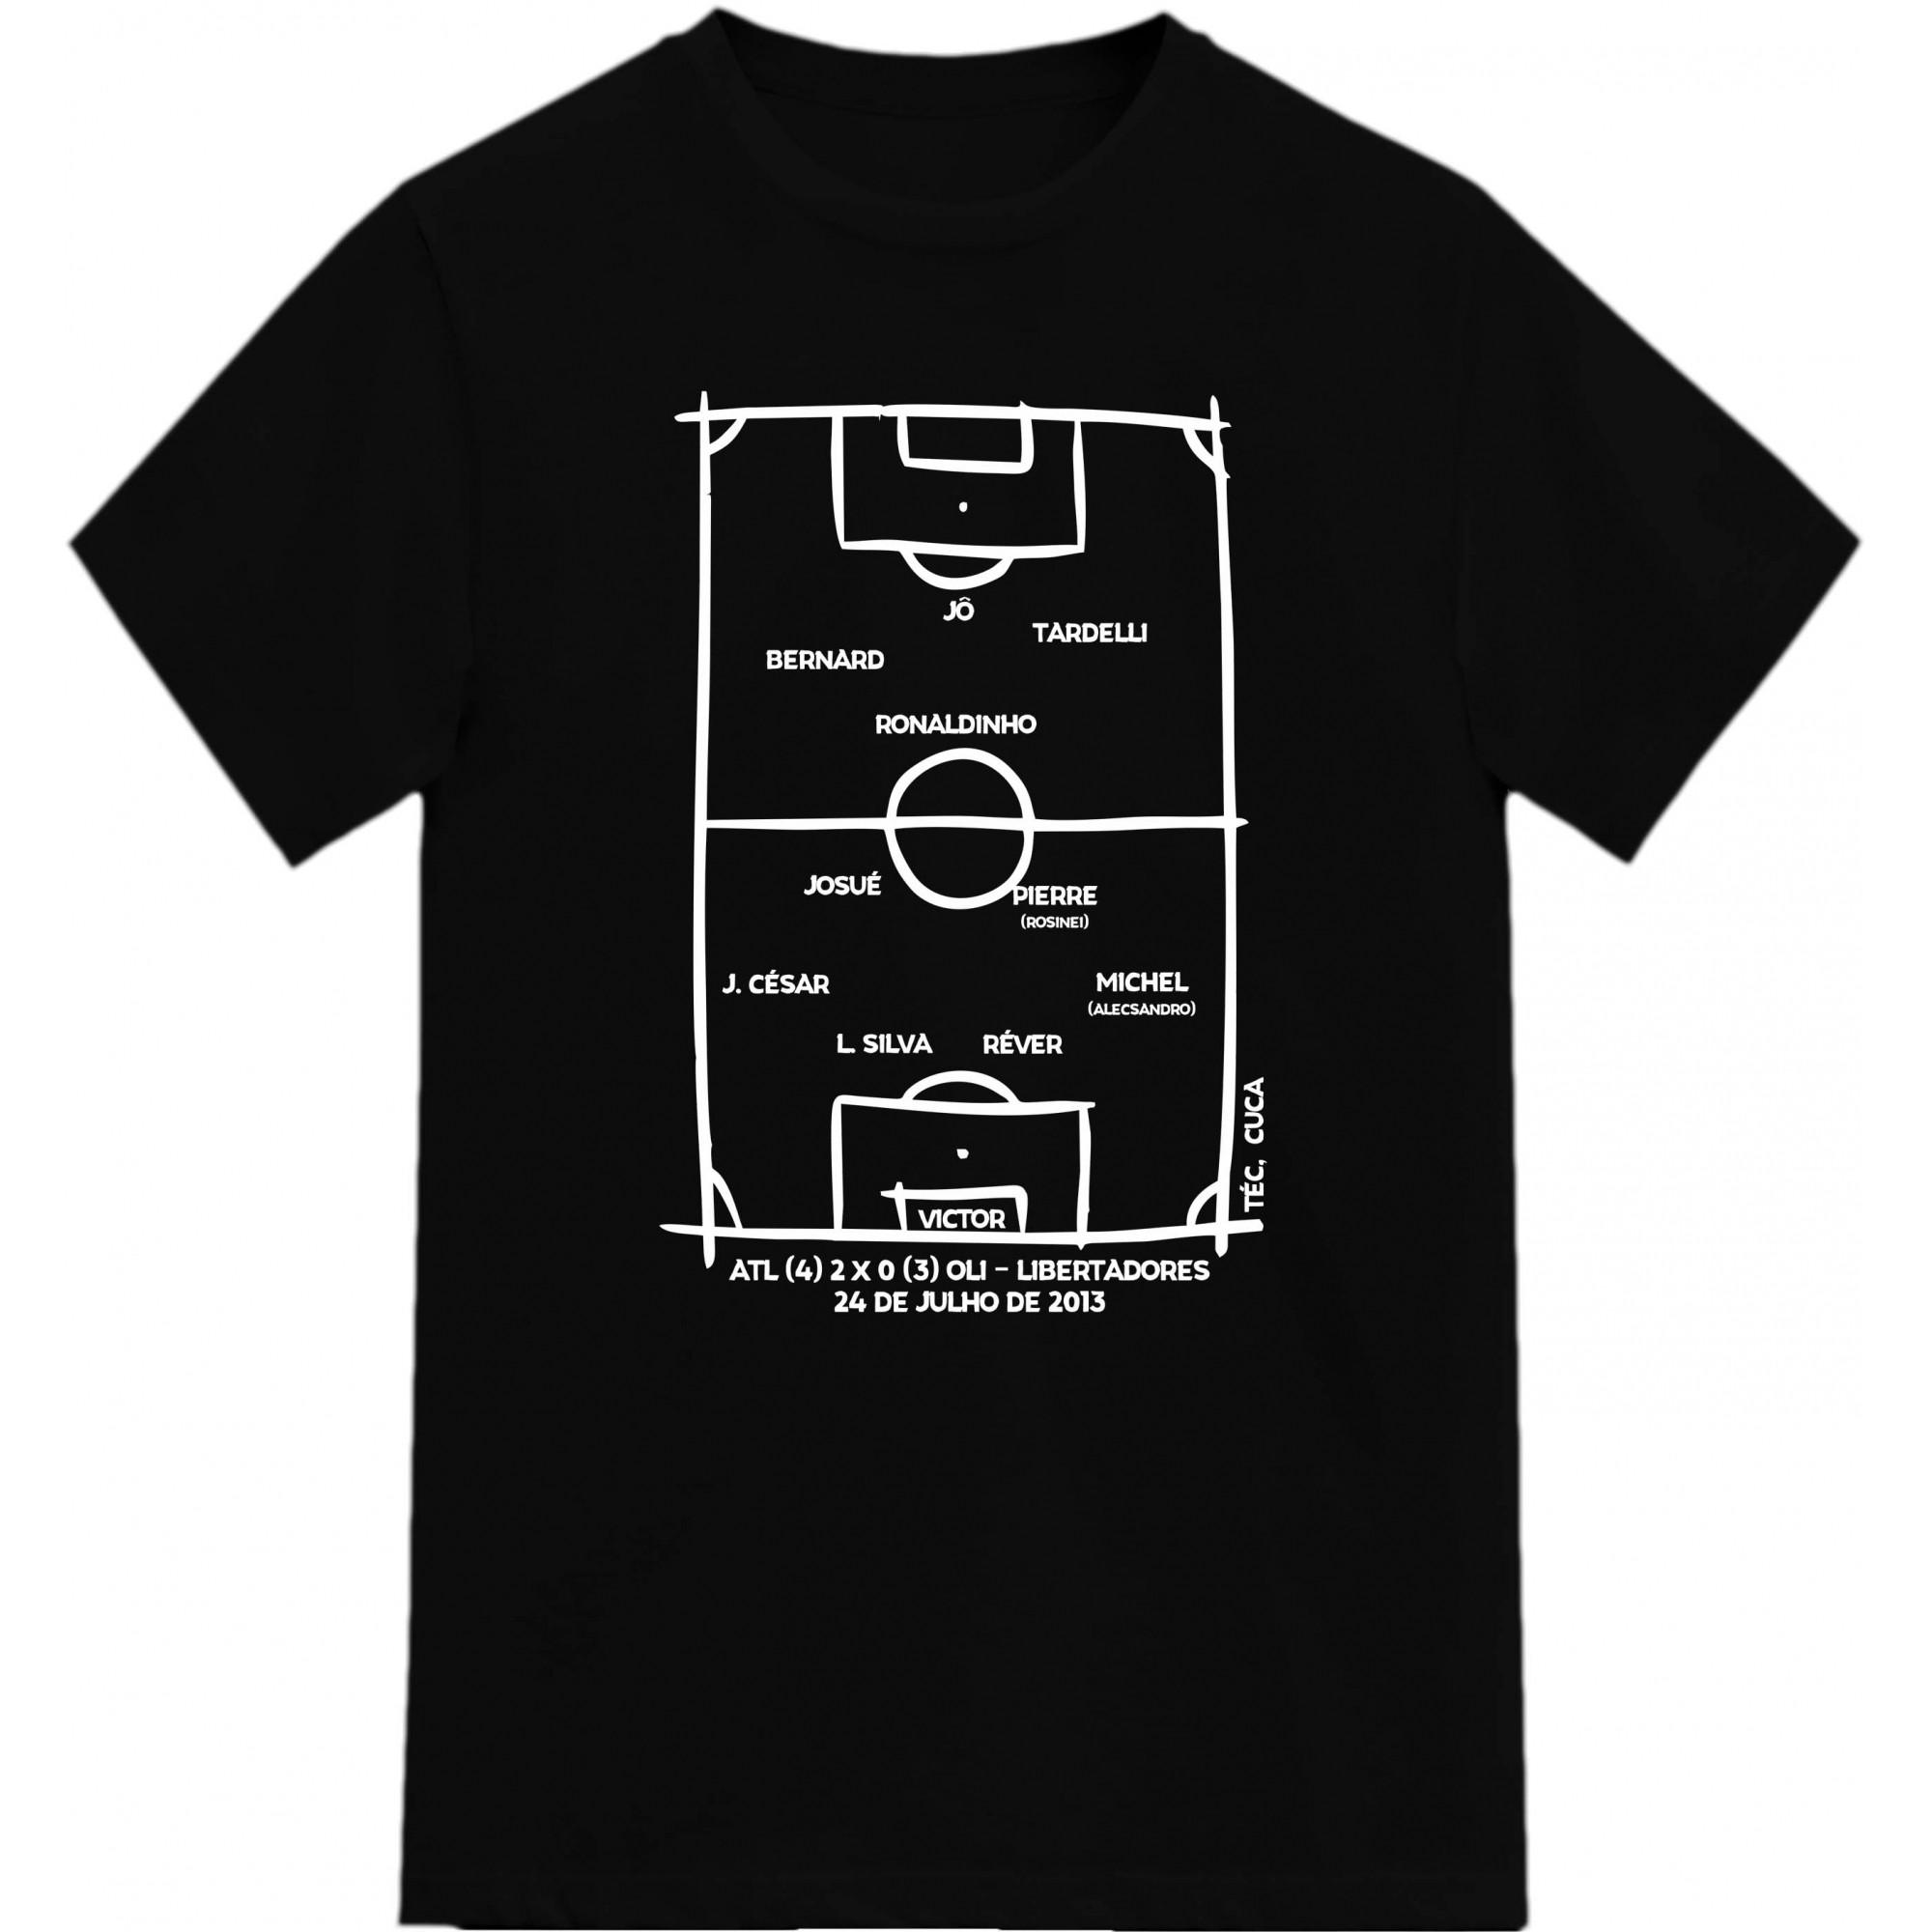 Camiseta Campeão Libertadores 2013